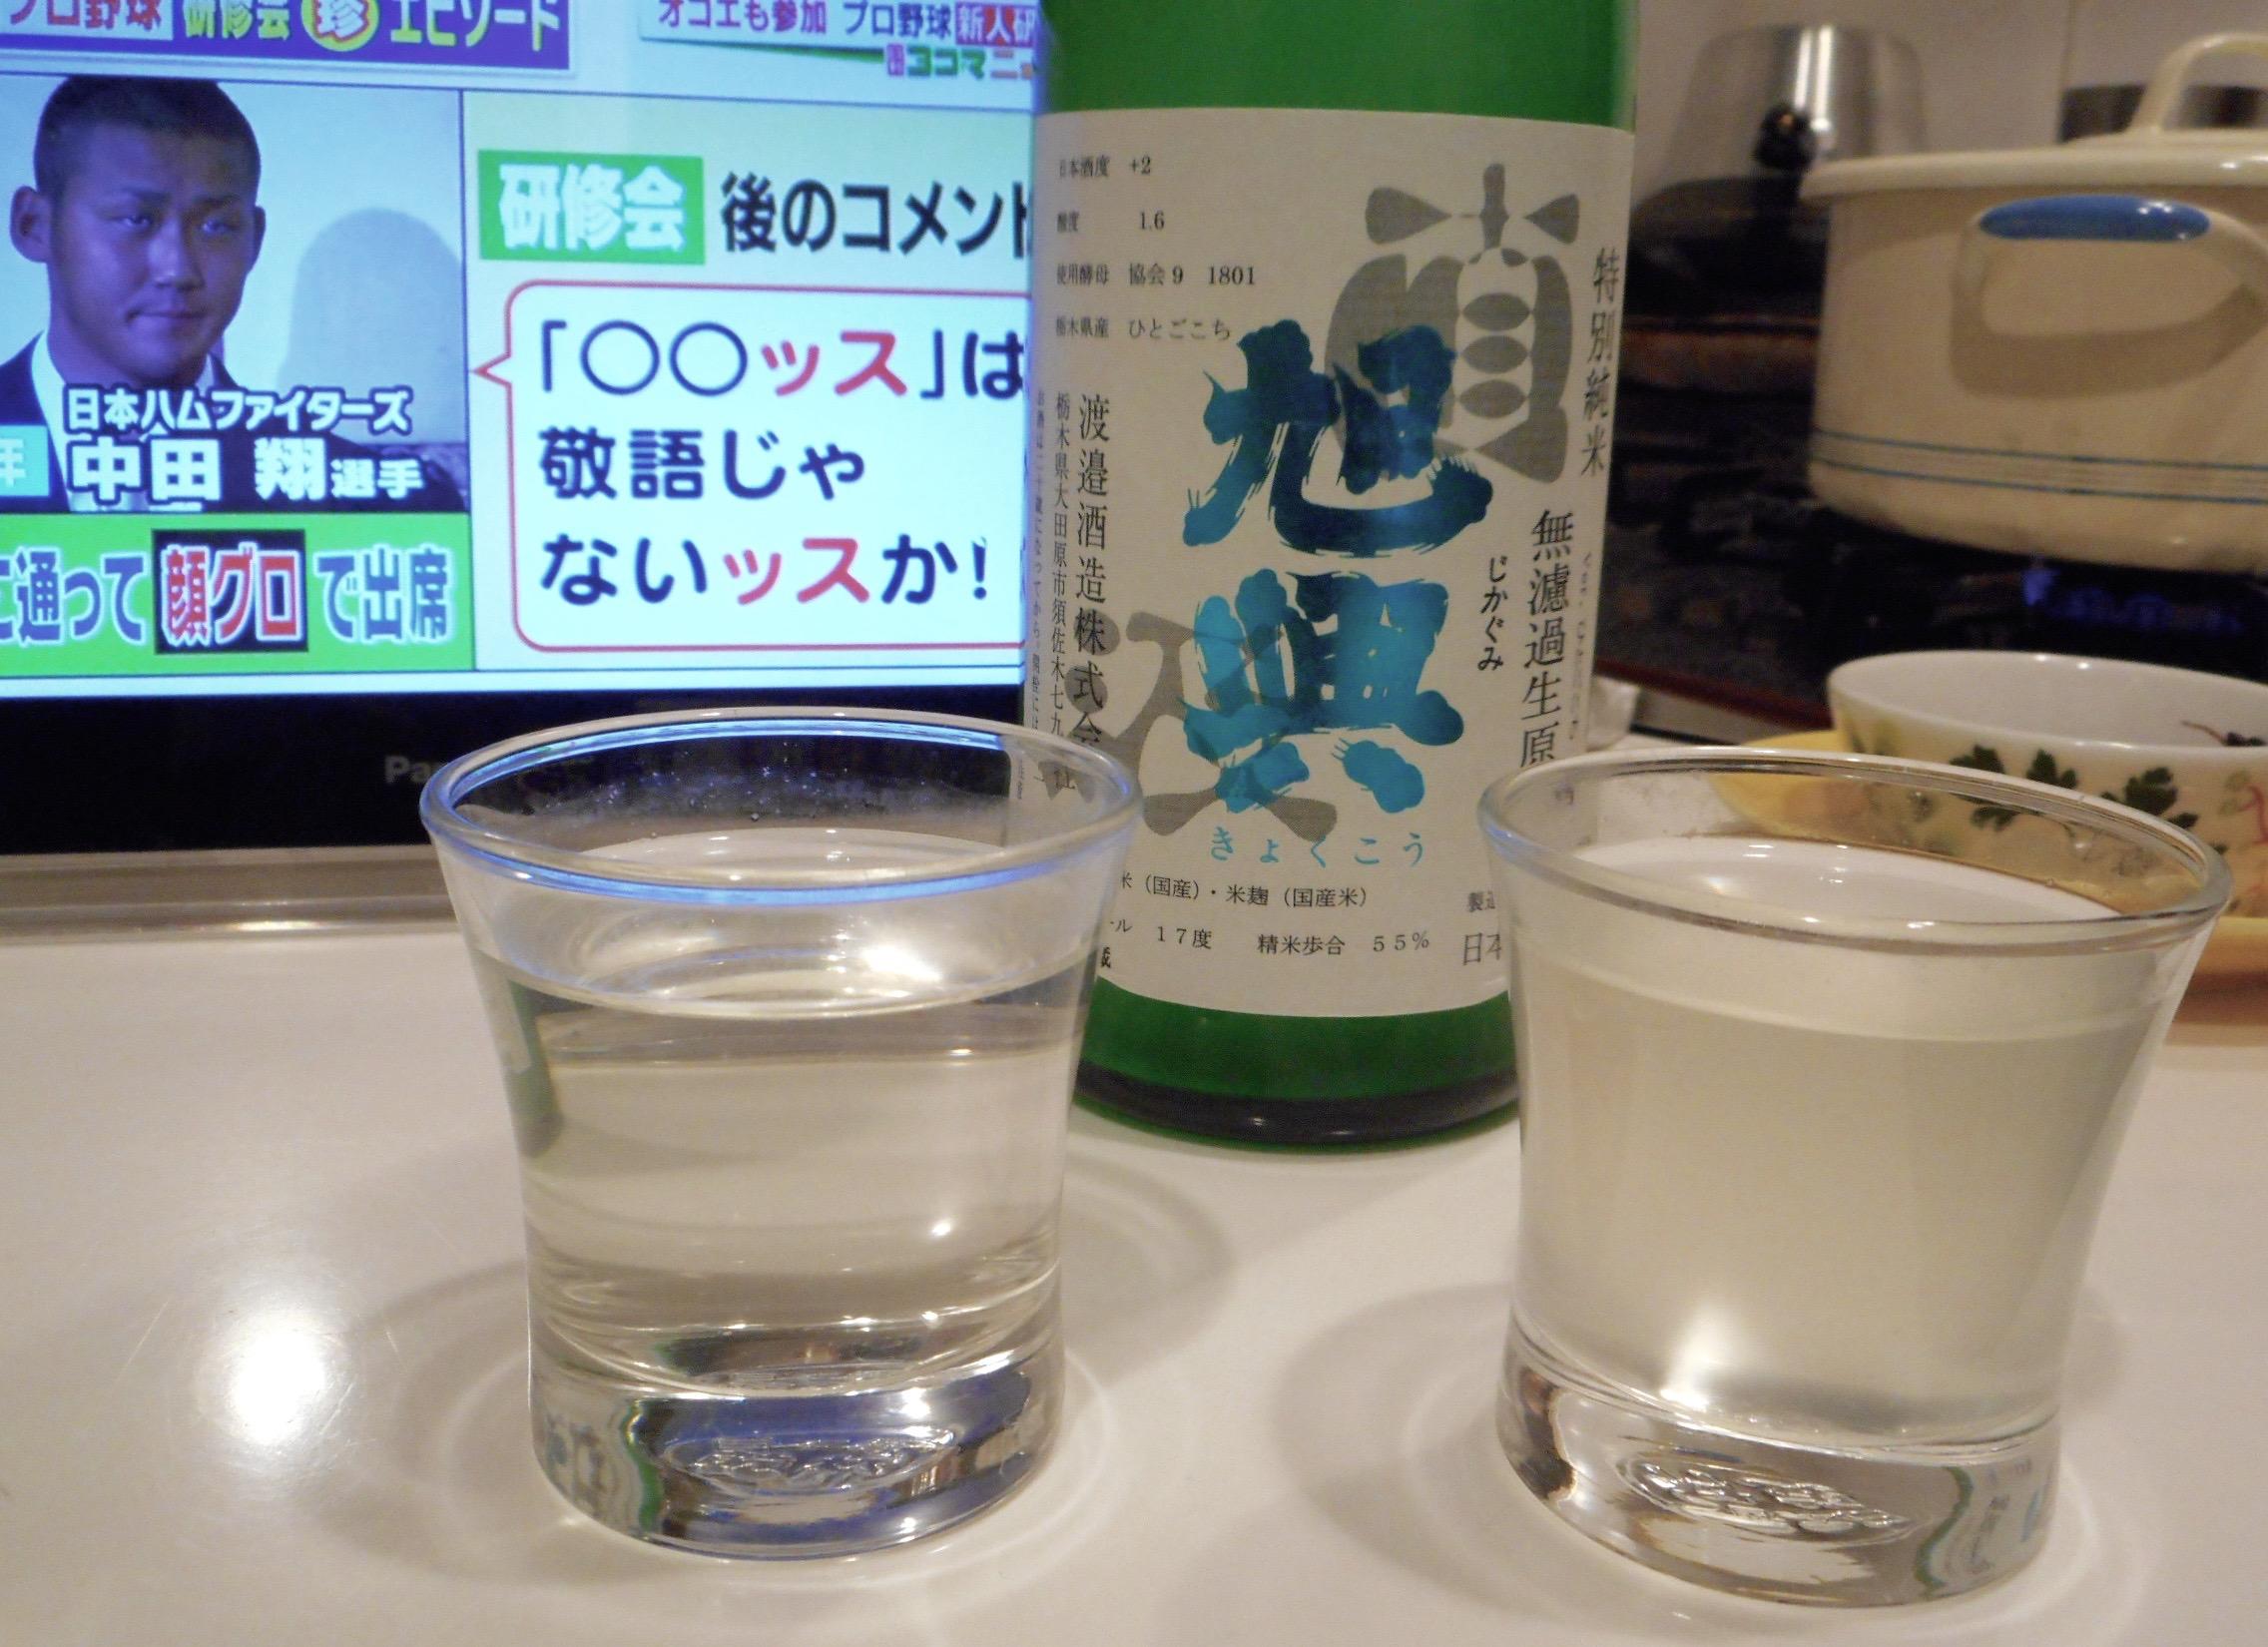 kyokukou_siboritate_hitogokochi2.jpg